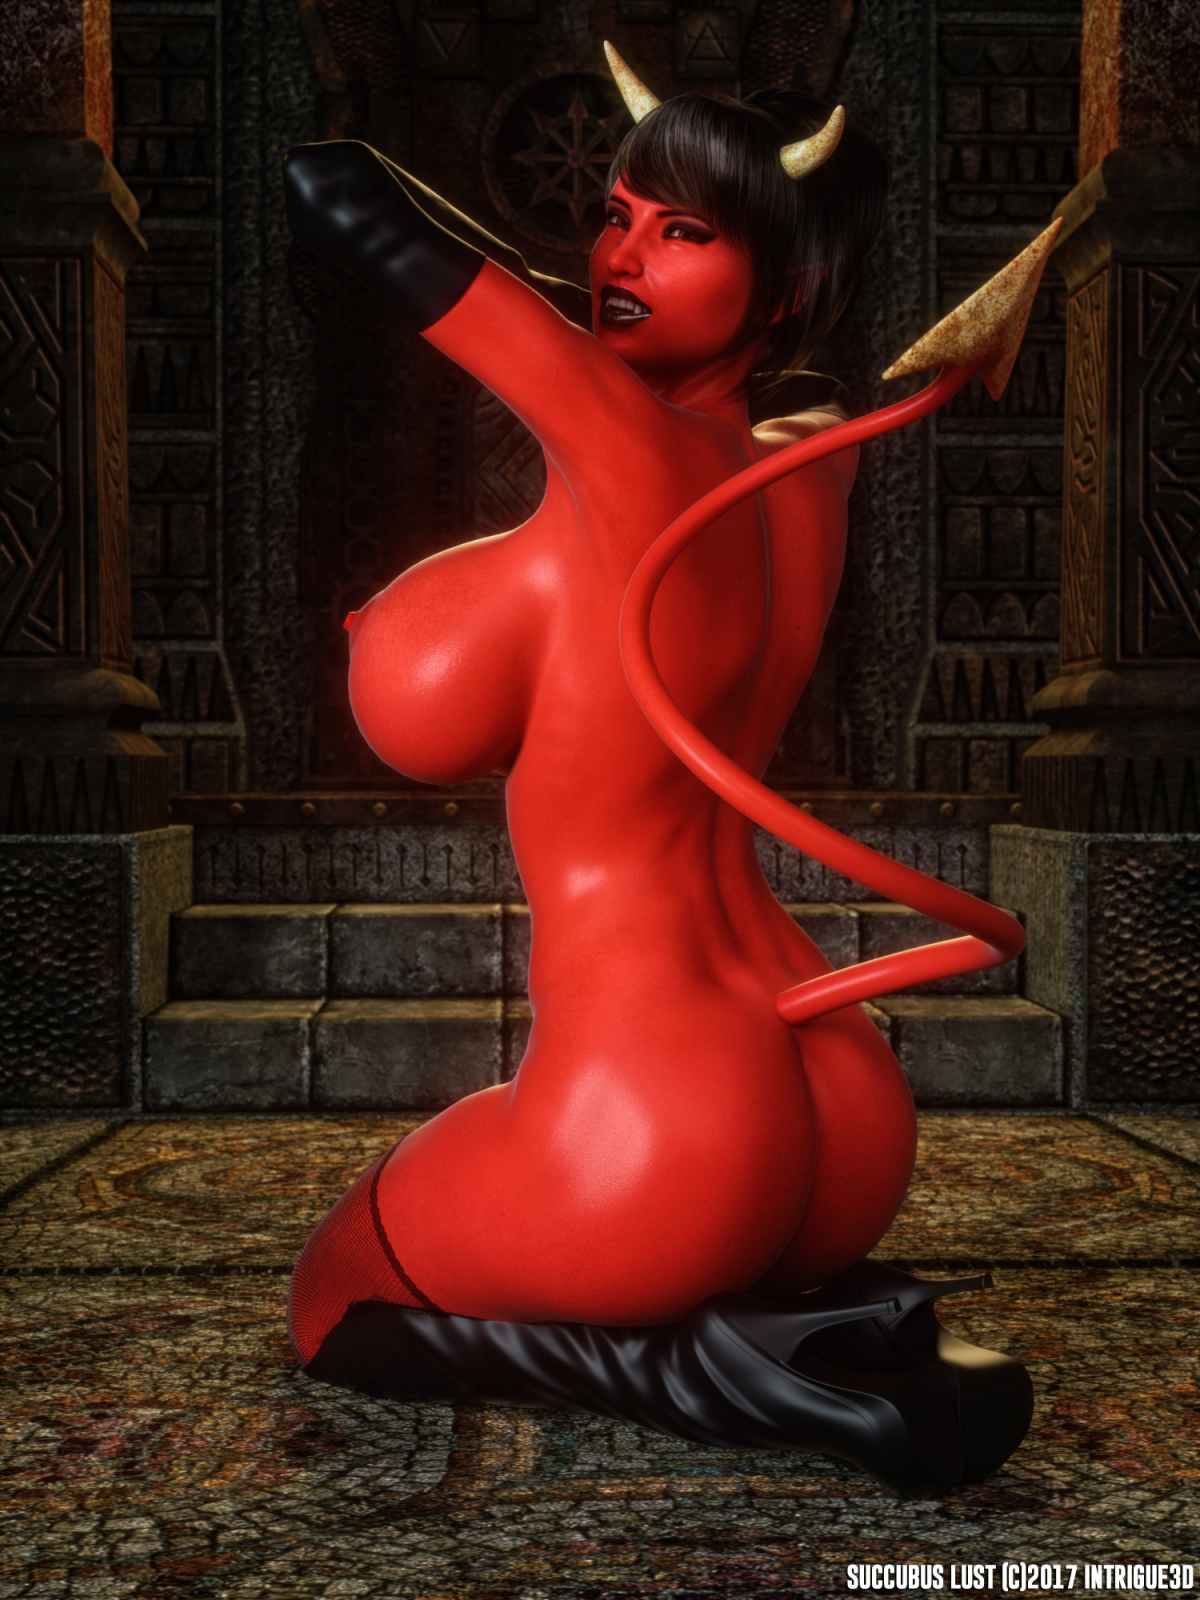 Hình ảnh 25797360047_98dbeb8bd0_o trong bài viết Succubus Lust